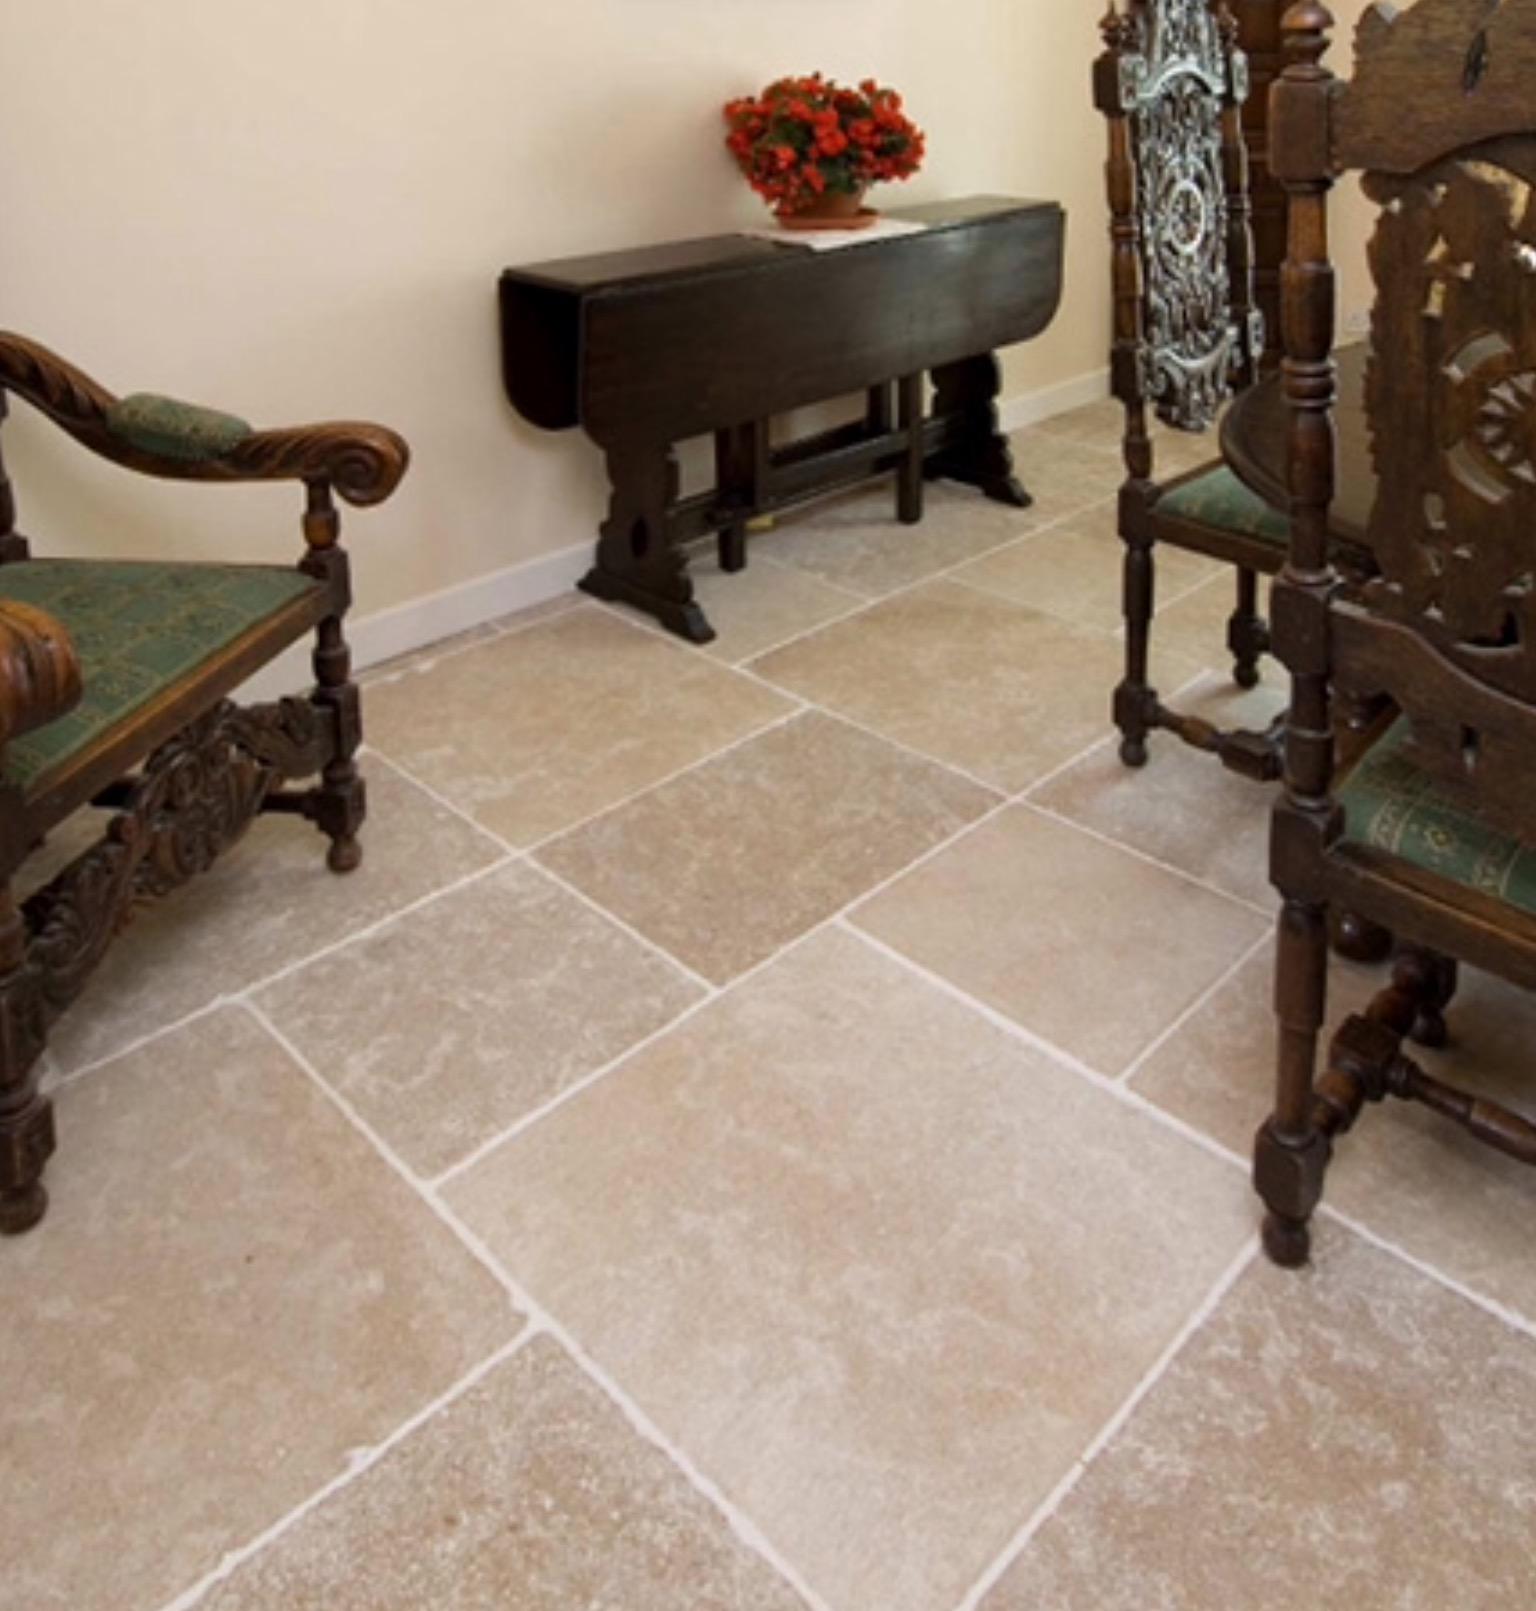 Indoor Floor Wall Tiles Travertine Sydney Supplying Tiles And